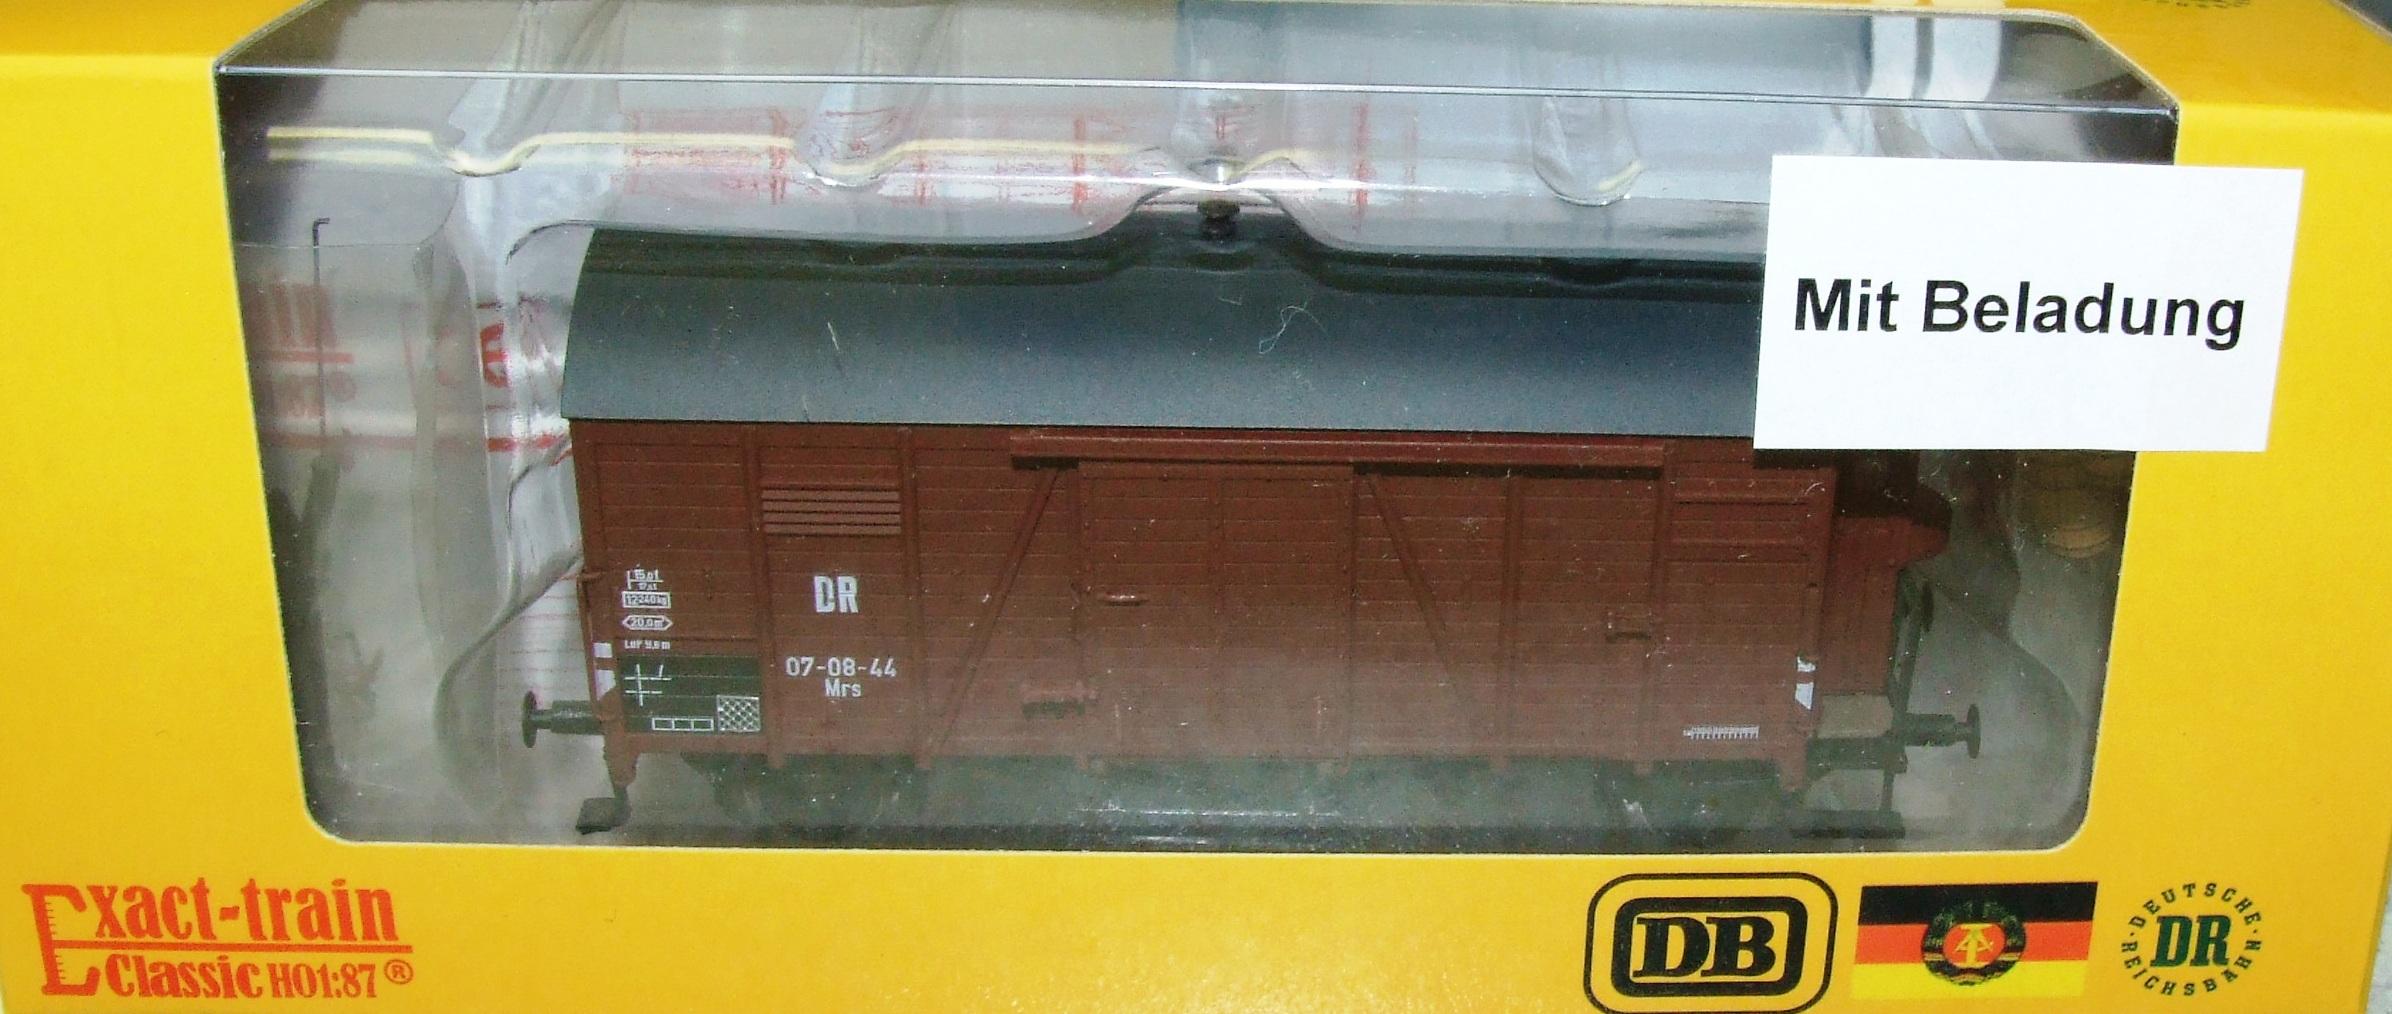 Exact-train EX20267 DR Oppeln mit Beladung (Bremserhaus/Gleitlager) Epoche 3